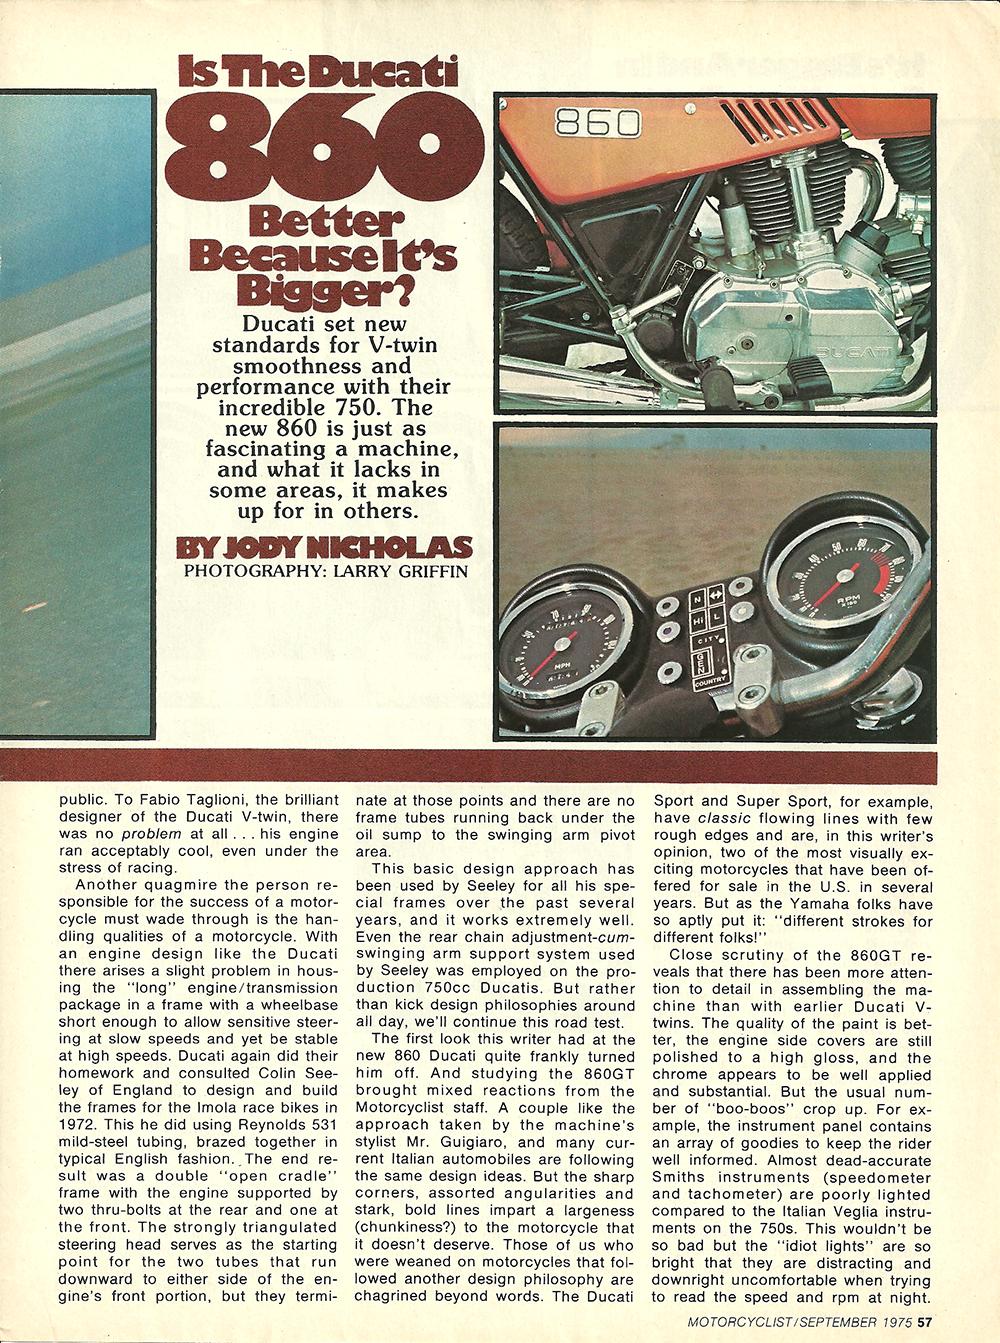 1975 Ducati 860 GT road test 2.jpg